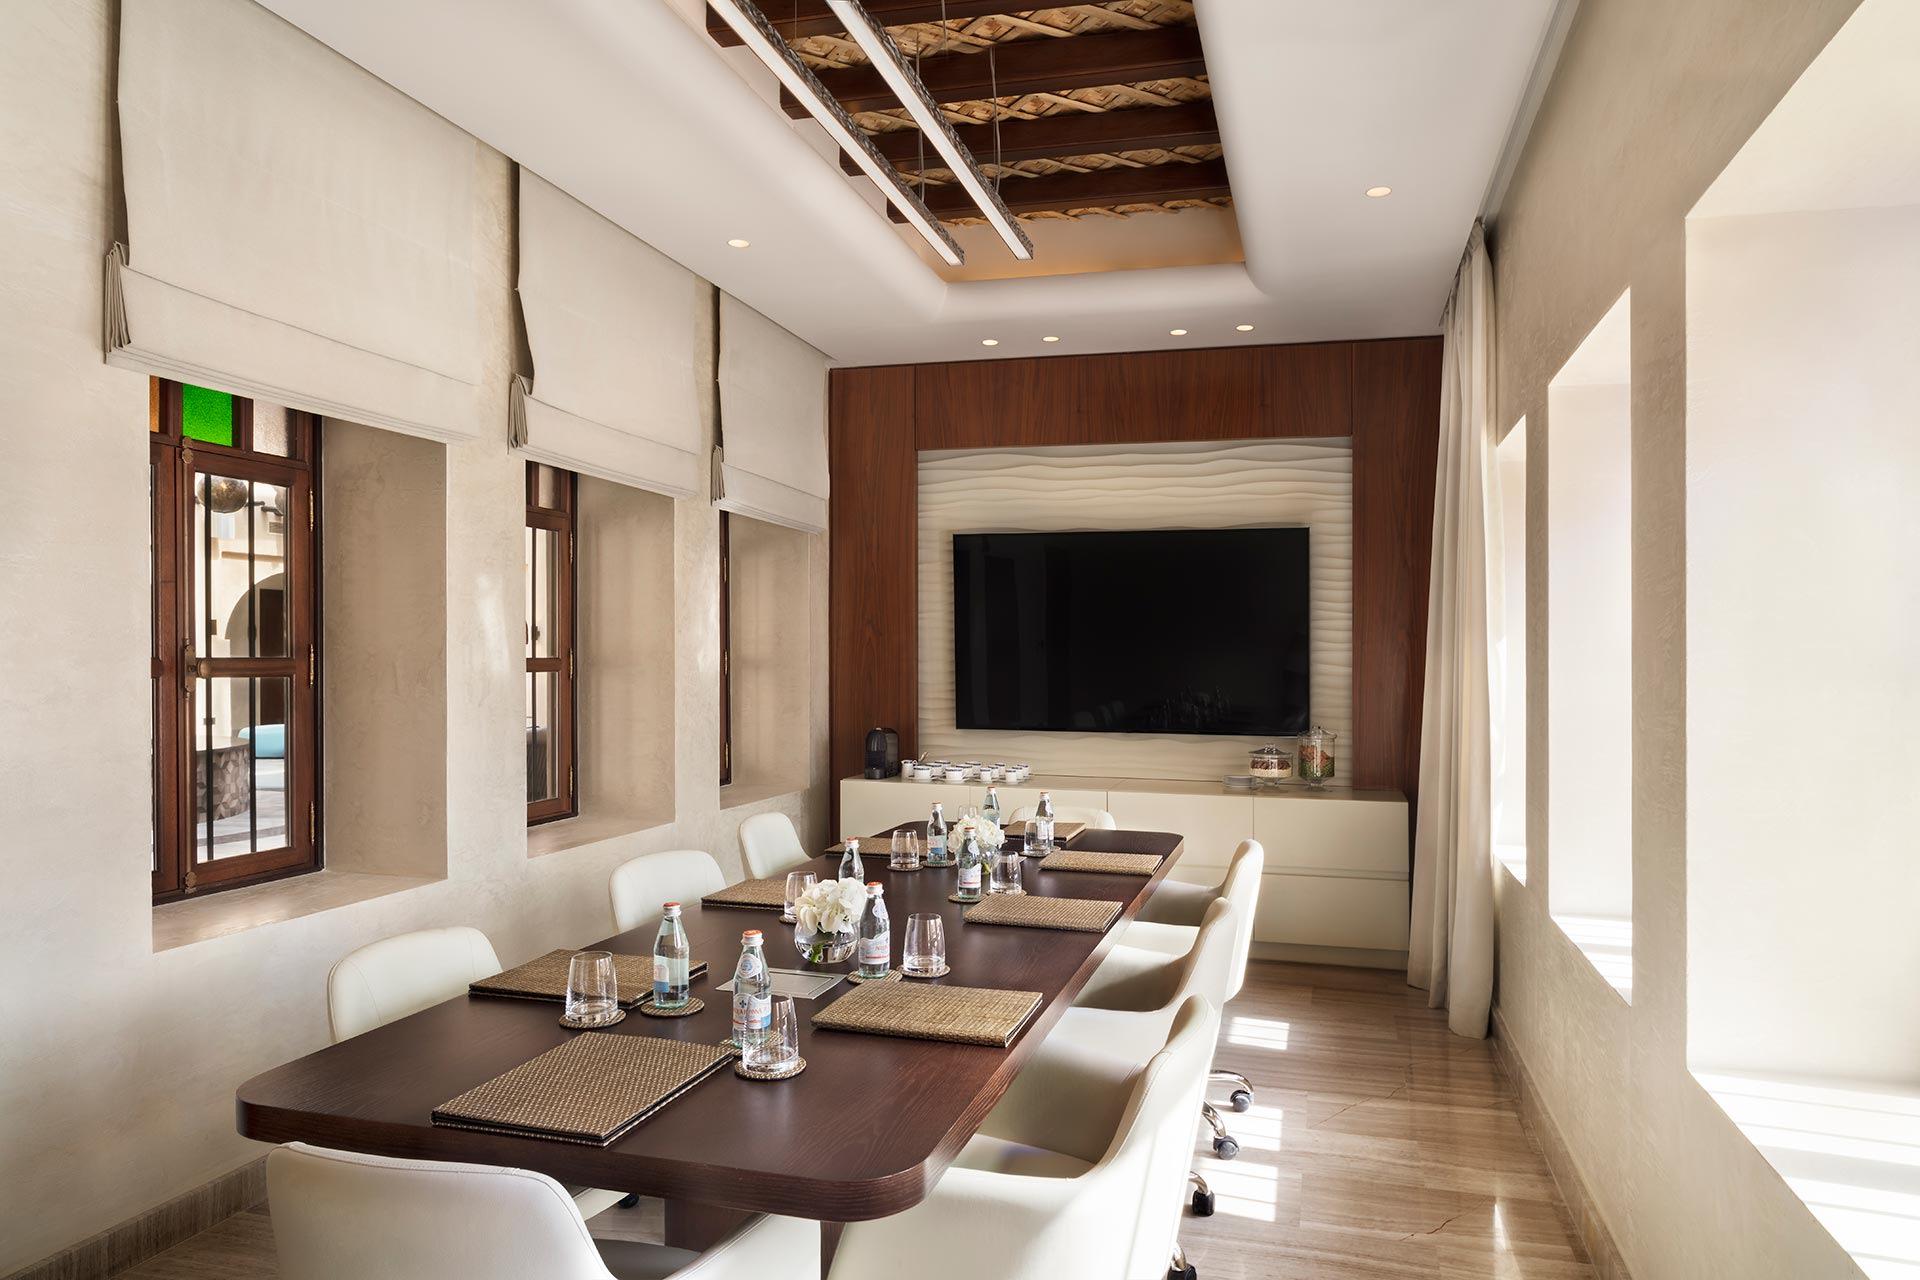 Souq Al Wakra Hotel Qatar by Tivoli - Board Room